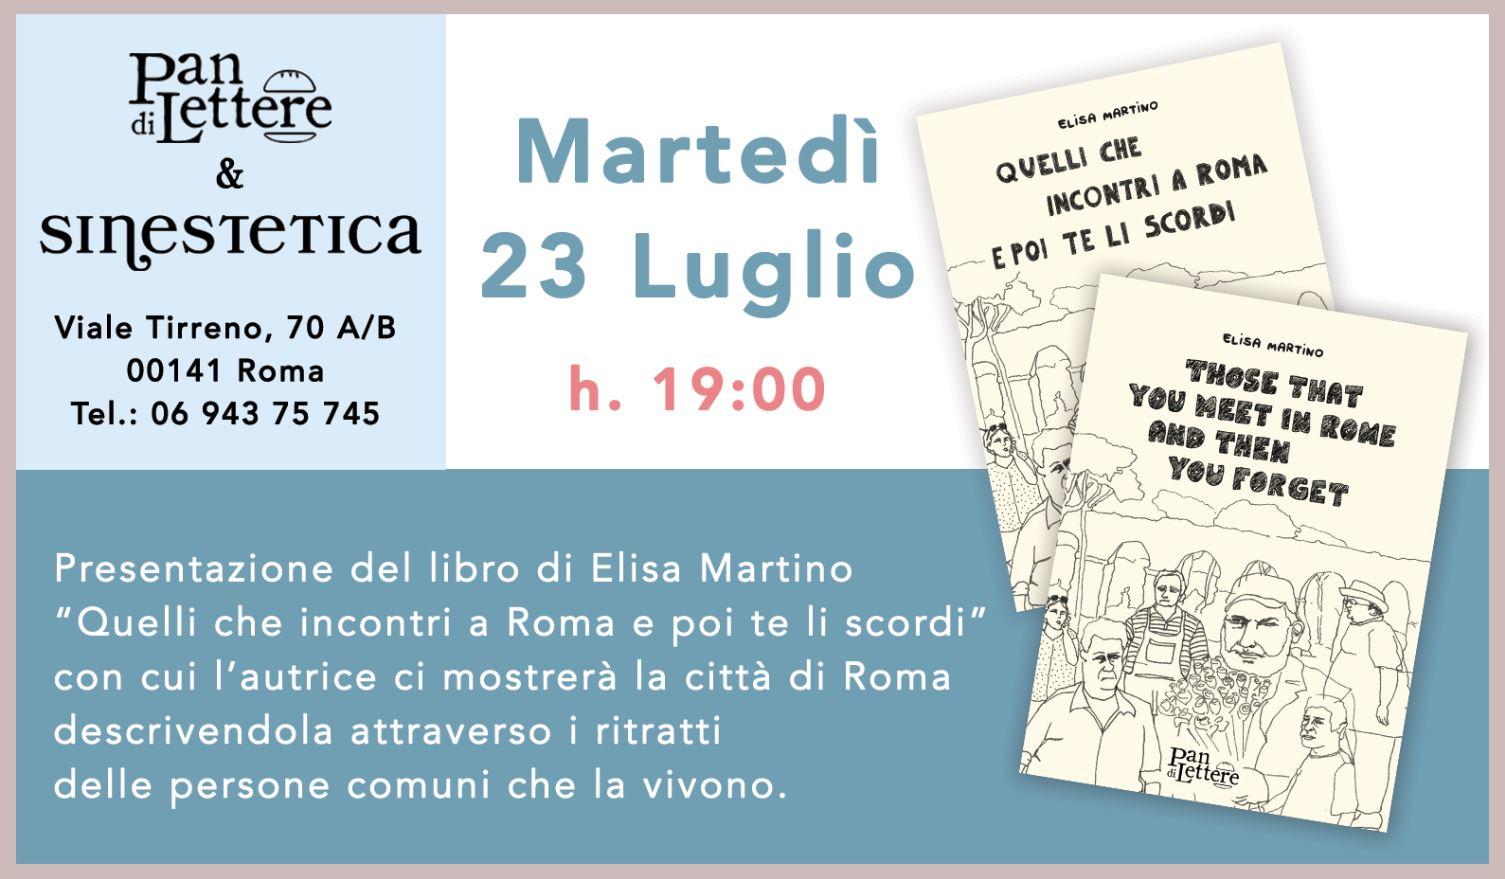 Martedì23 Luglio 2019 ore 19.00 - Interverranno con l'autrice: Lara Di Carlo, editrice.L'evento avrà luogo presso SinesteticaViale Tirreno, 70 A/B – Roma